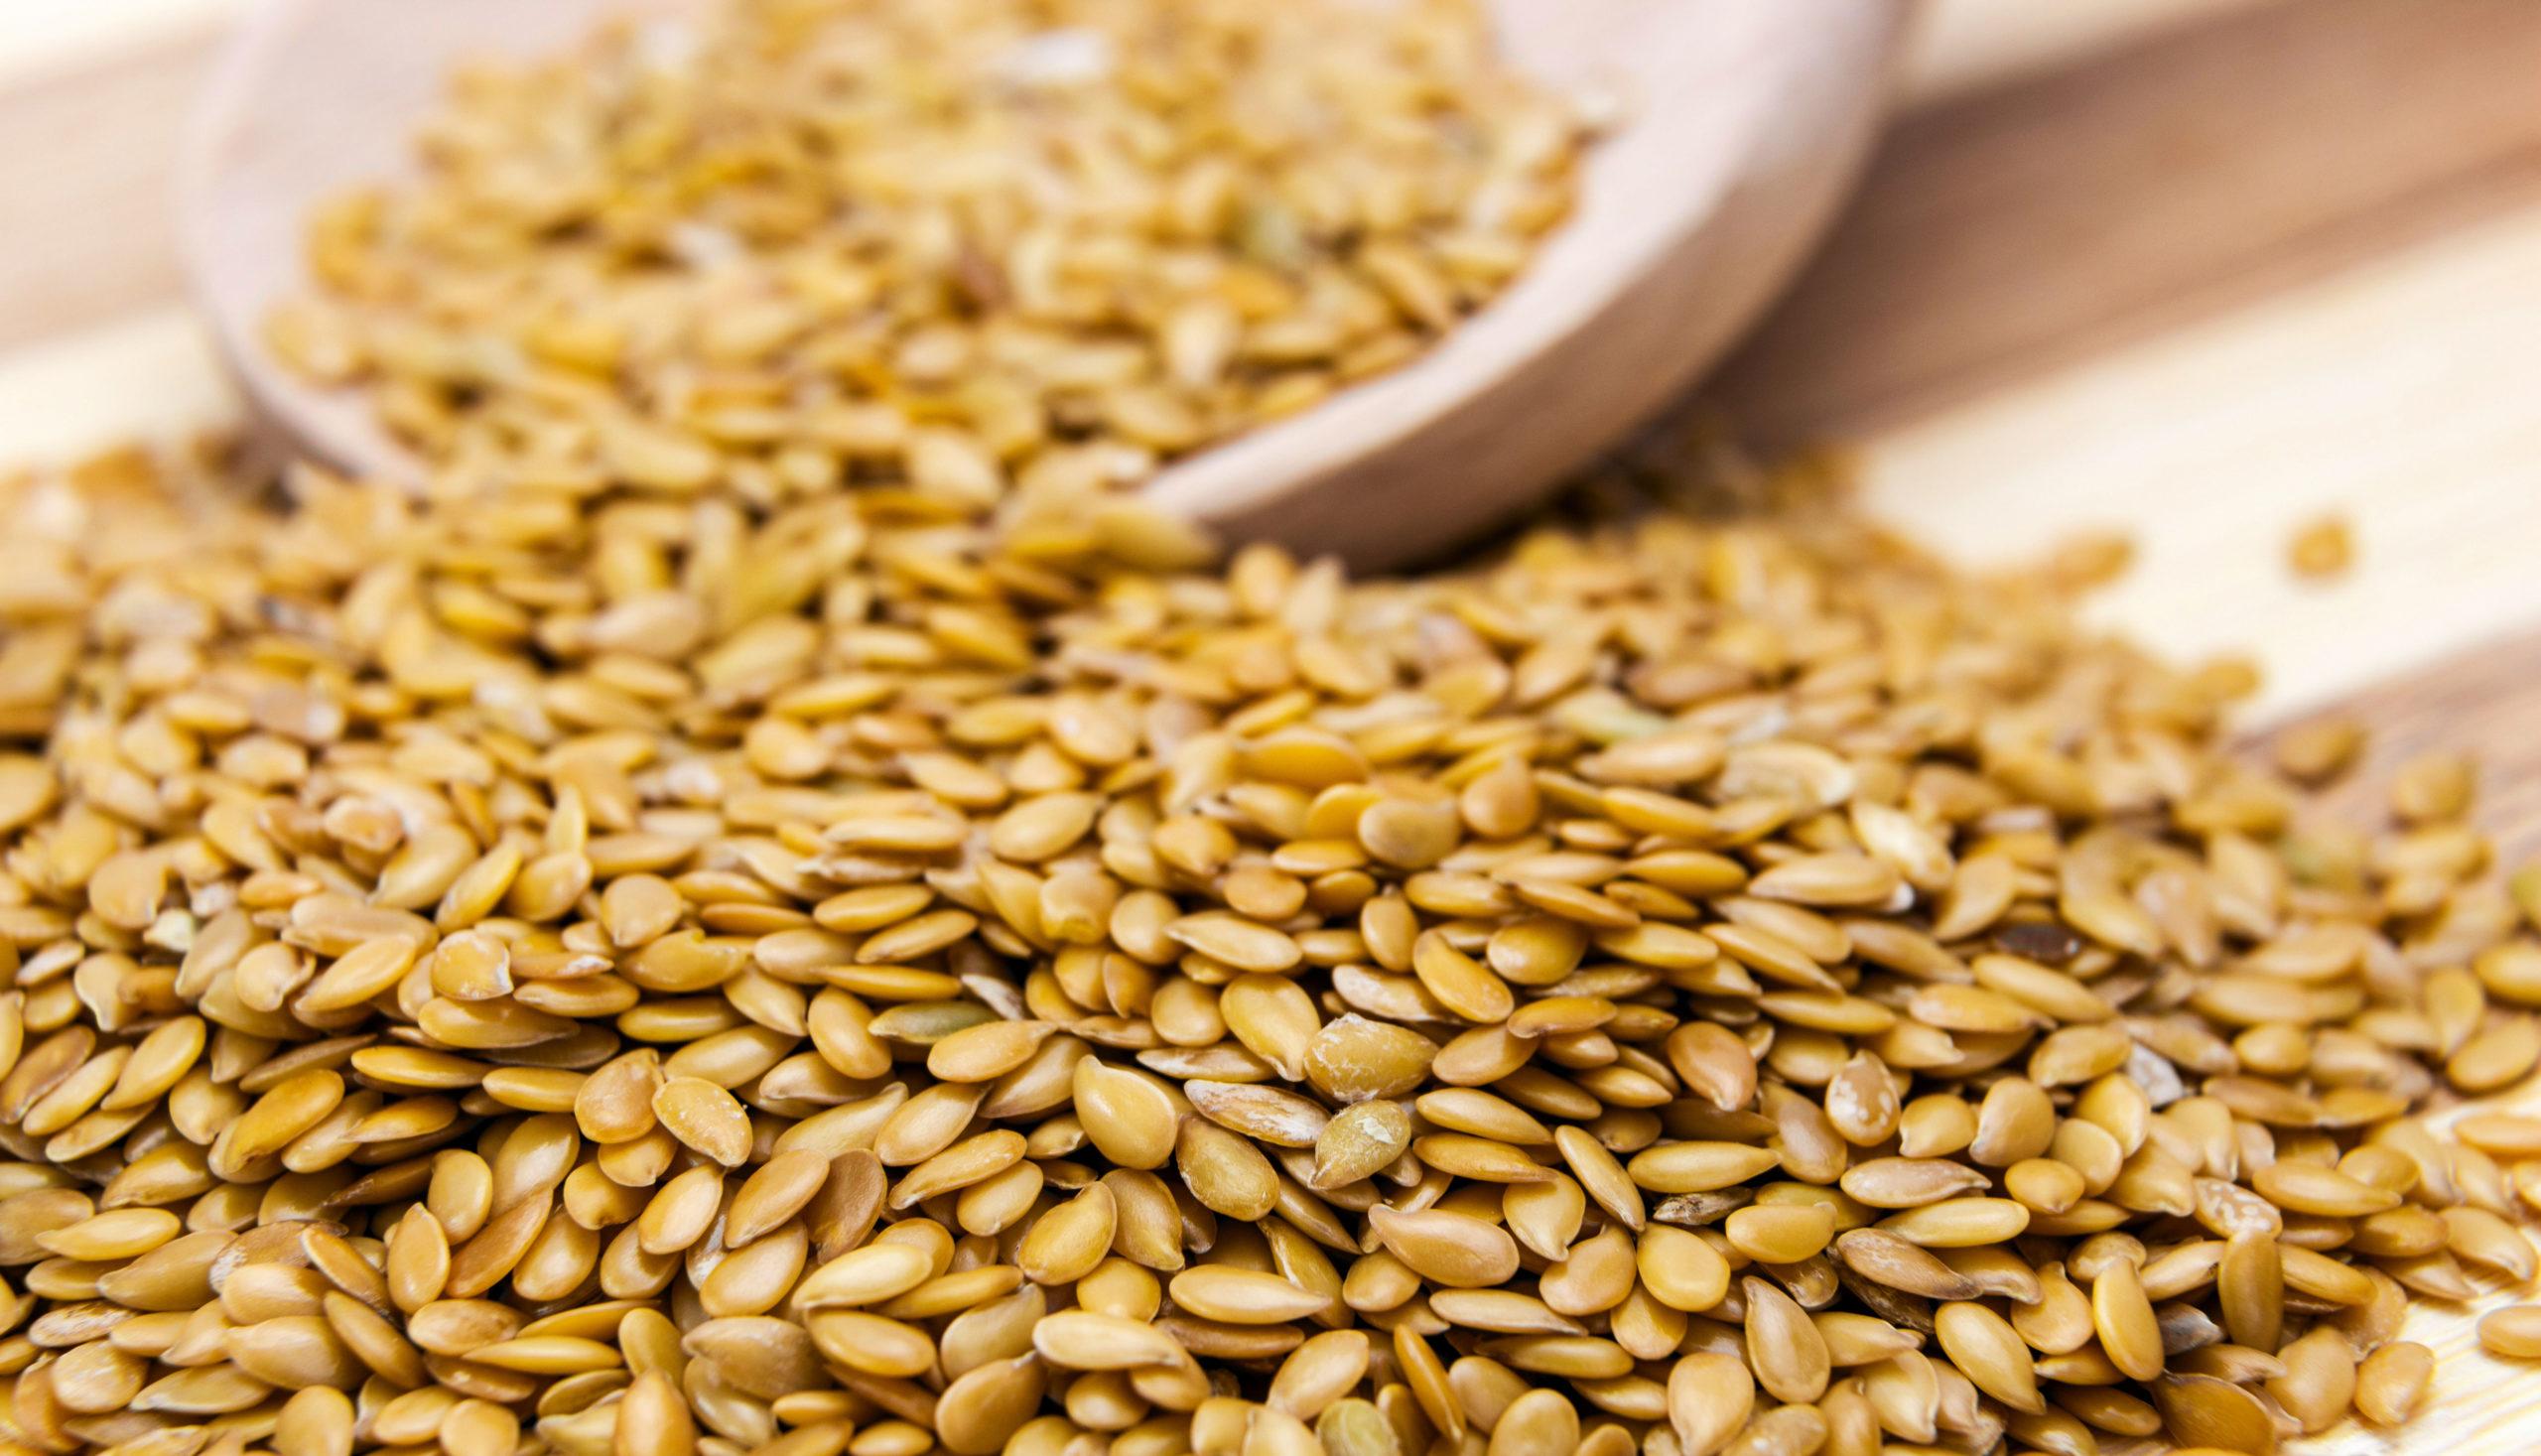 Lin Lov contient entre 50 et 100% de grains de lin bio français